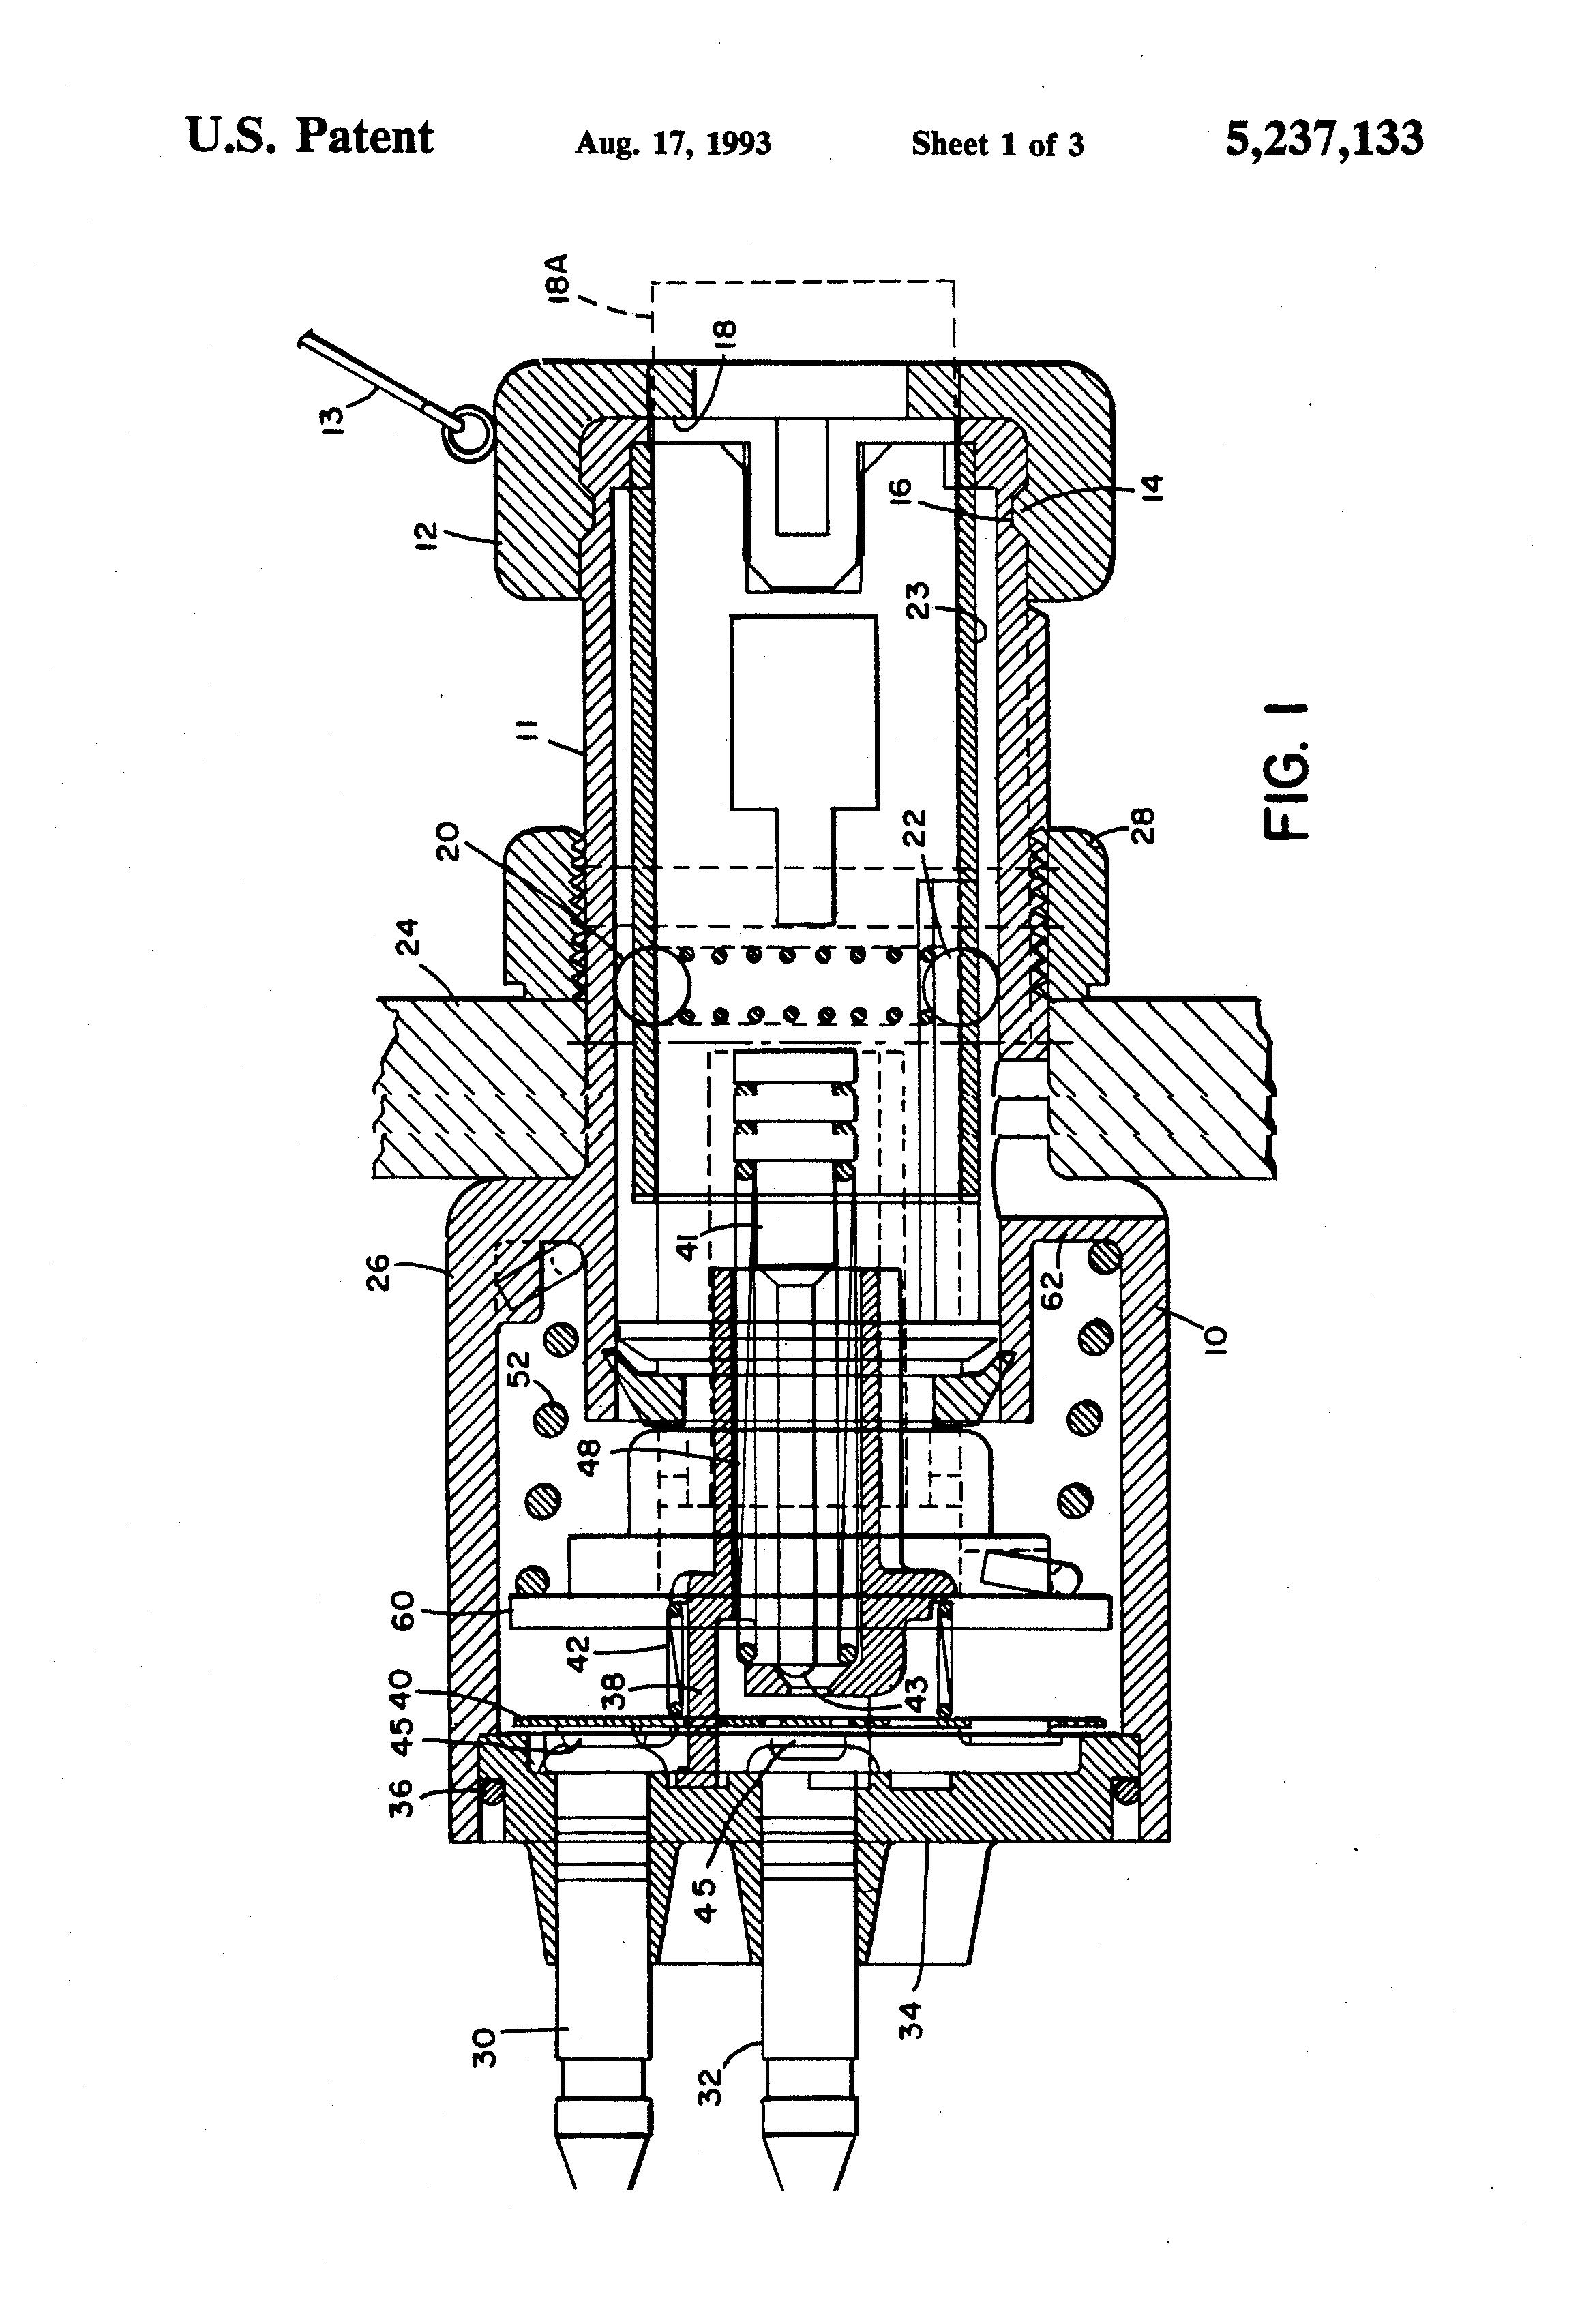 pollak 7 pin wiring diagram pollak 7 pin wiring diagram wiring diagram data  pollak 7 pin wiring diagram wiring